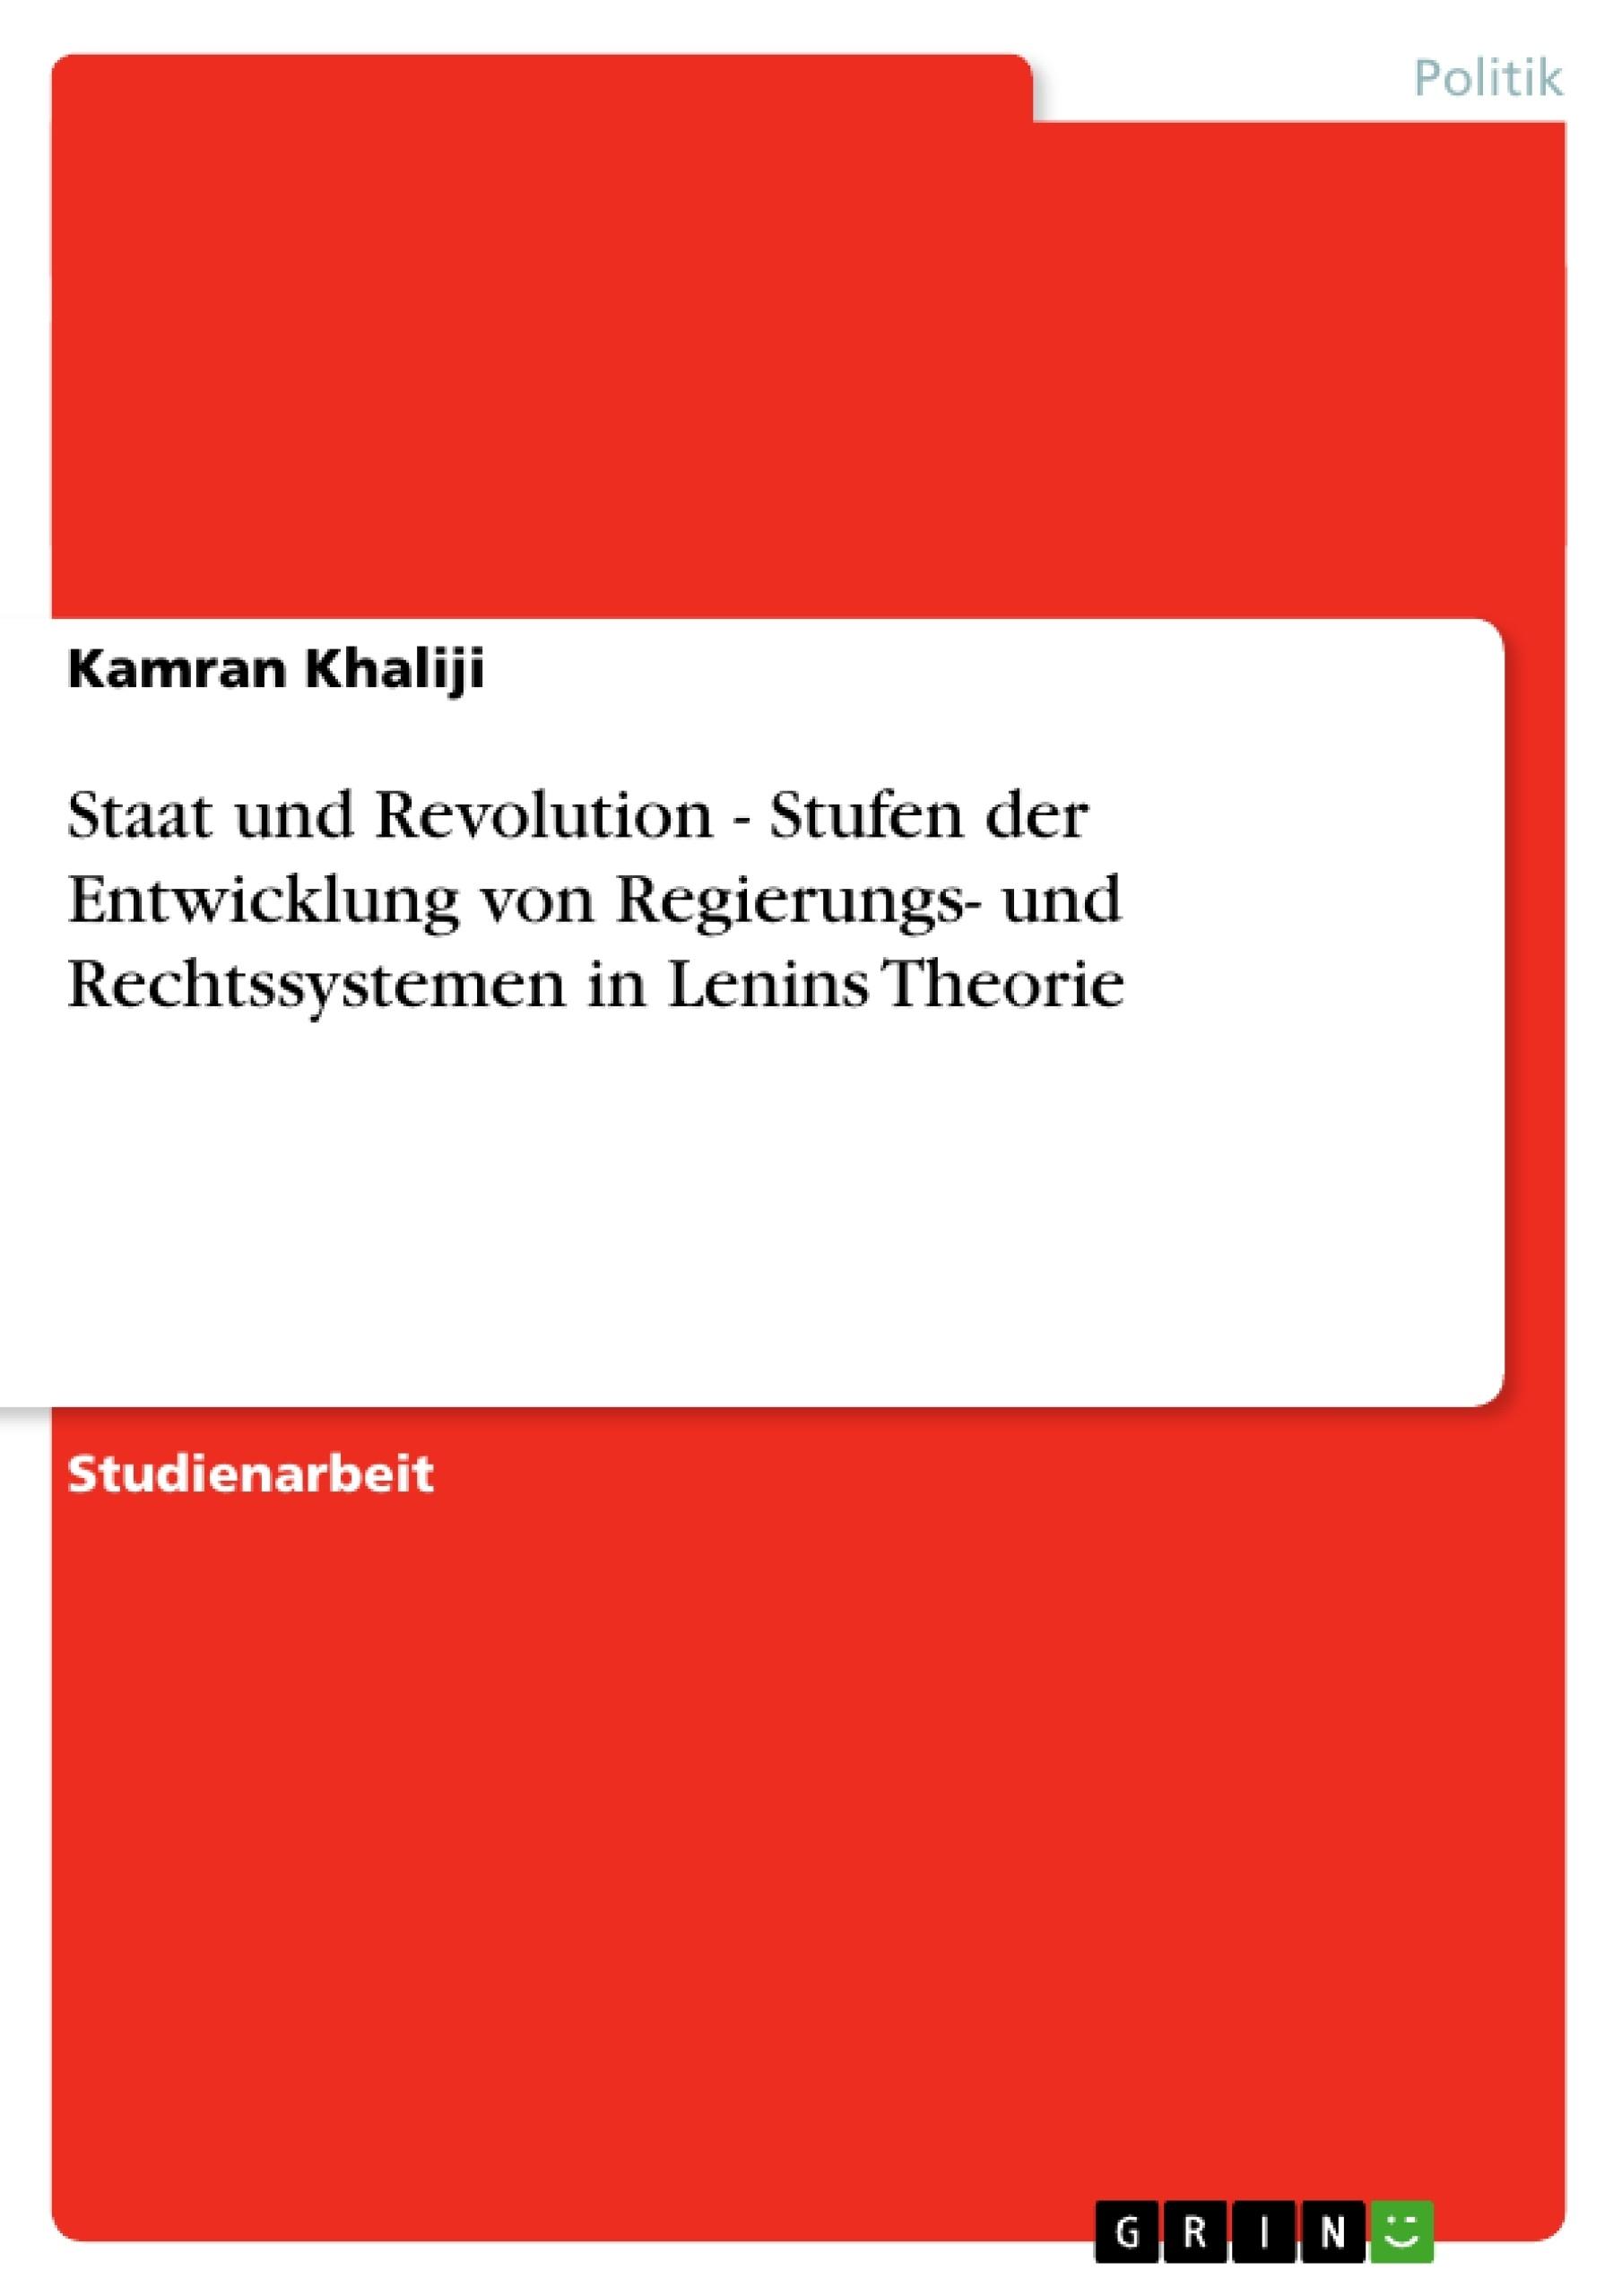 Titel: Staat und Revolution - Stufen der Entwicklung von Regierungs- und Rechtssystemen in Lenins Theorie